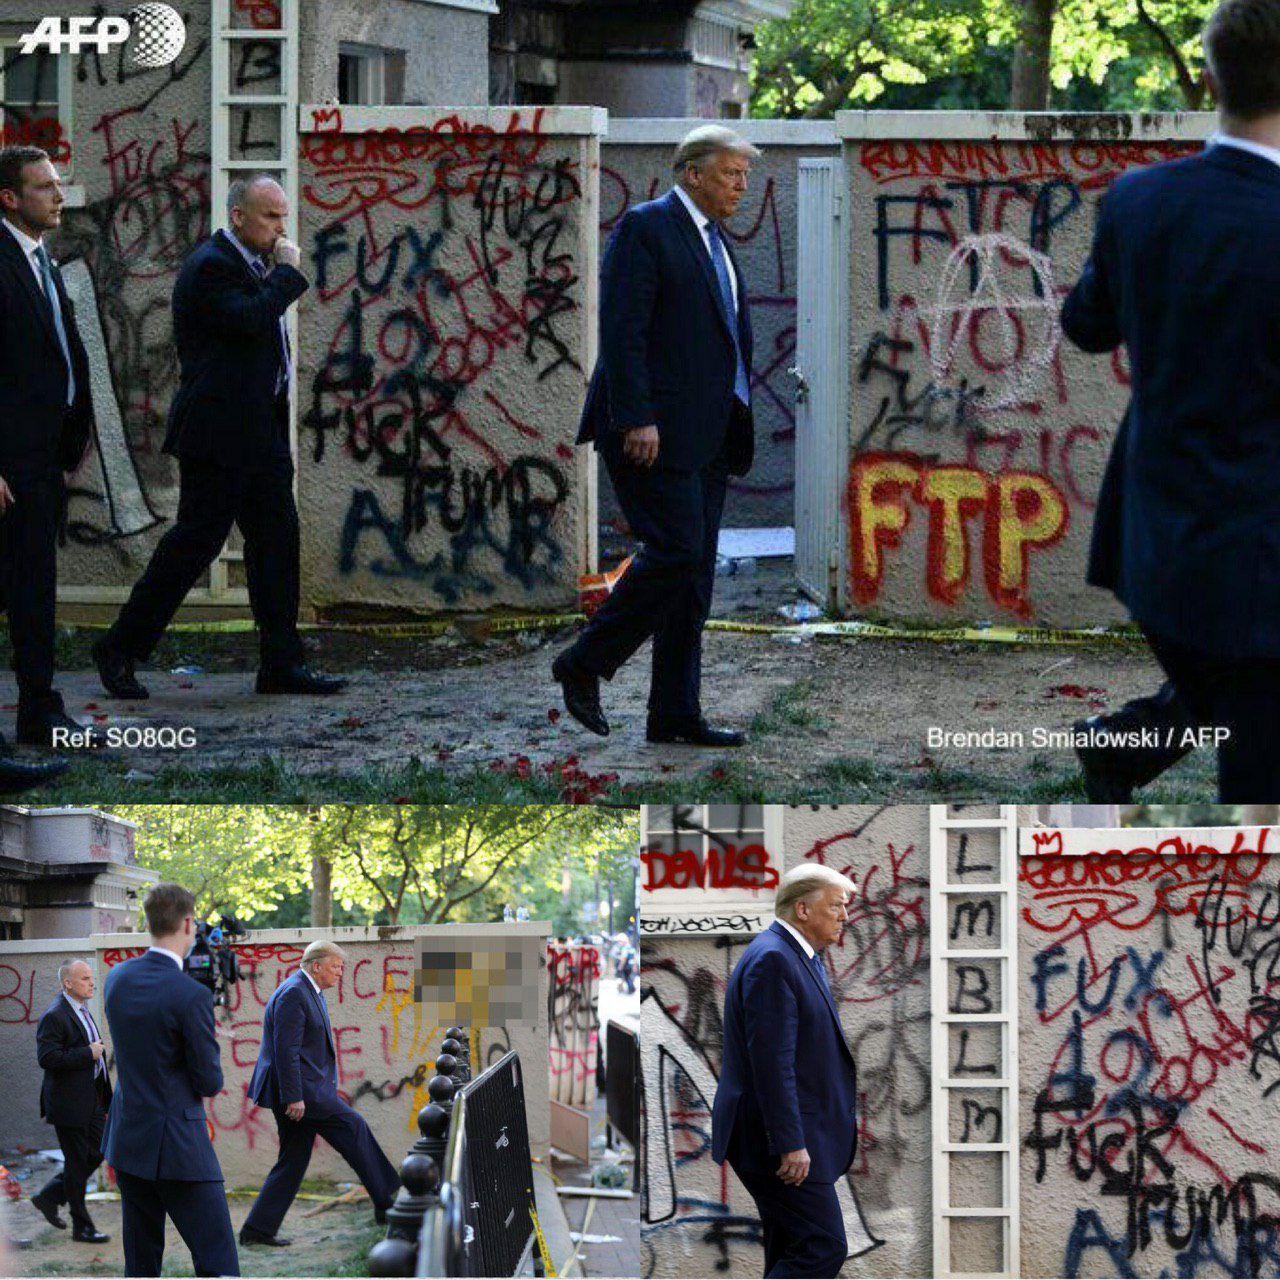 قدم زدن ترامپ در مقابل دیوارهایی پر از شعار +عکس